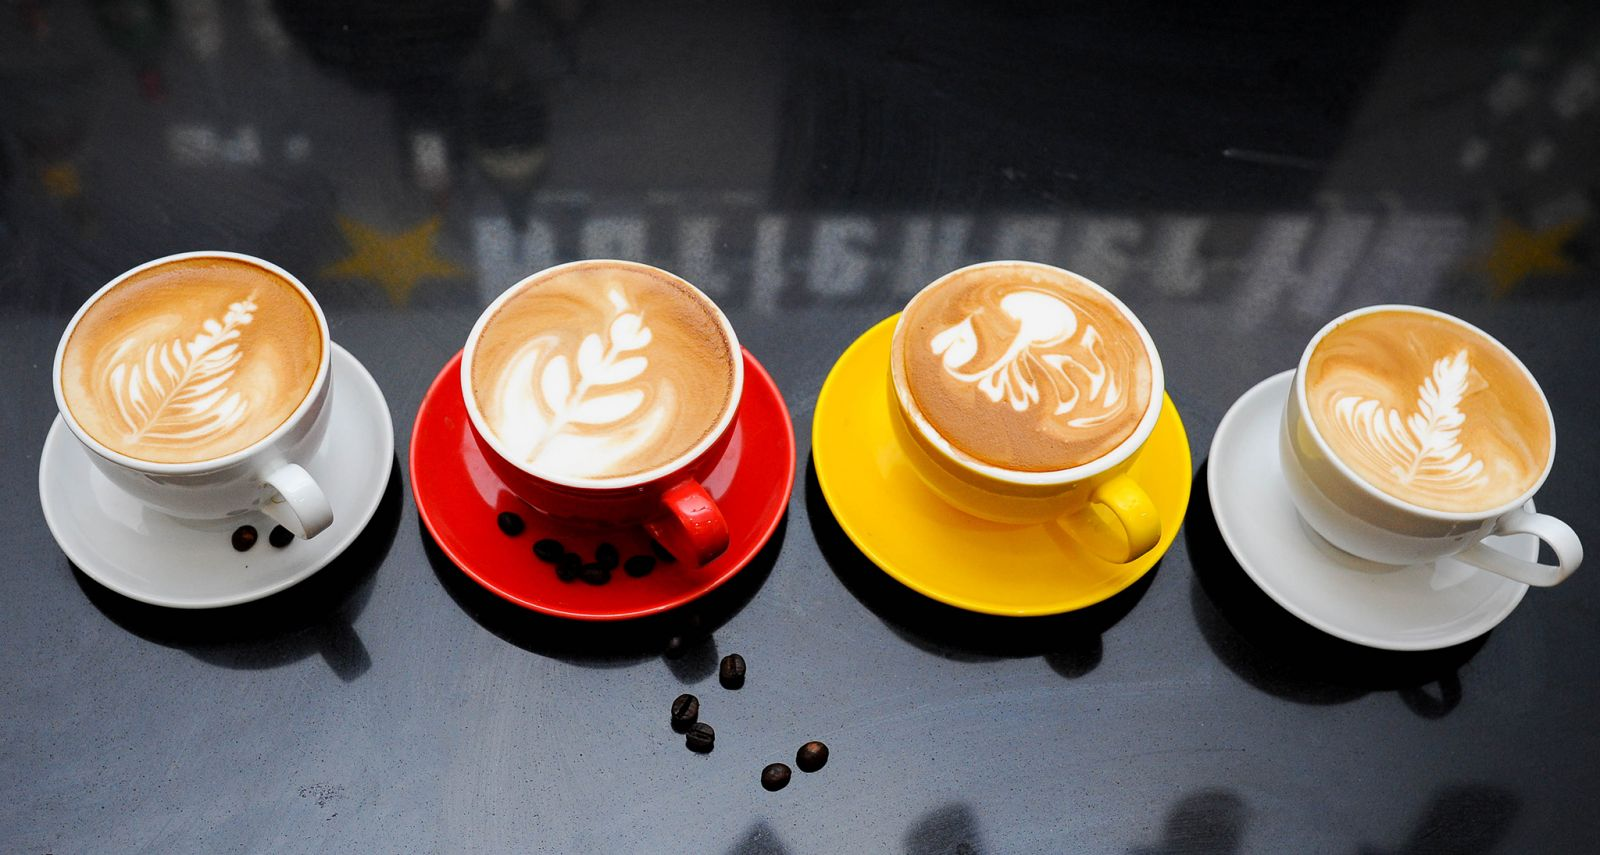 LỚP HỌC DẠY NGHỀ PHA CHẾ CAFE TẠI HÀ NỘI